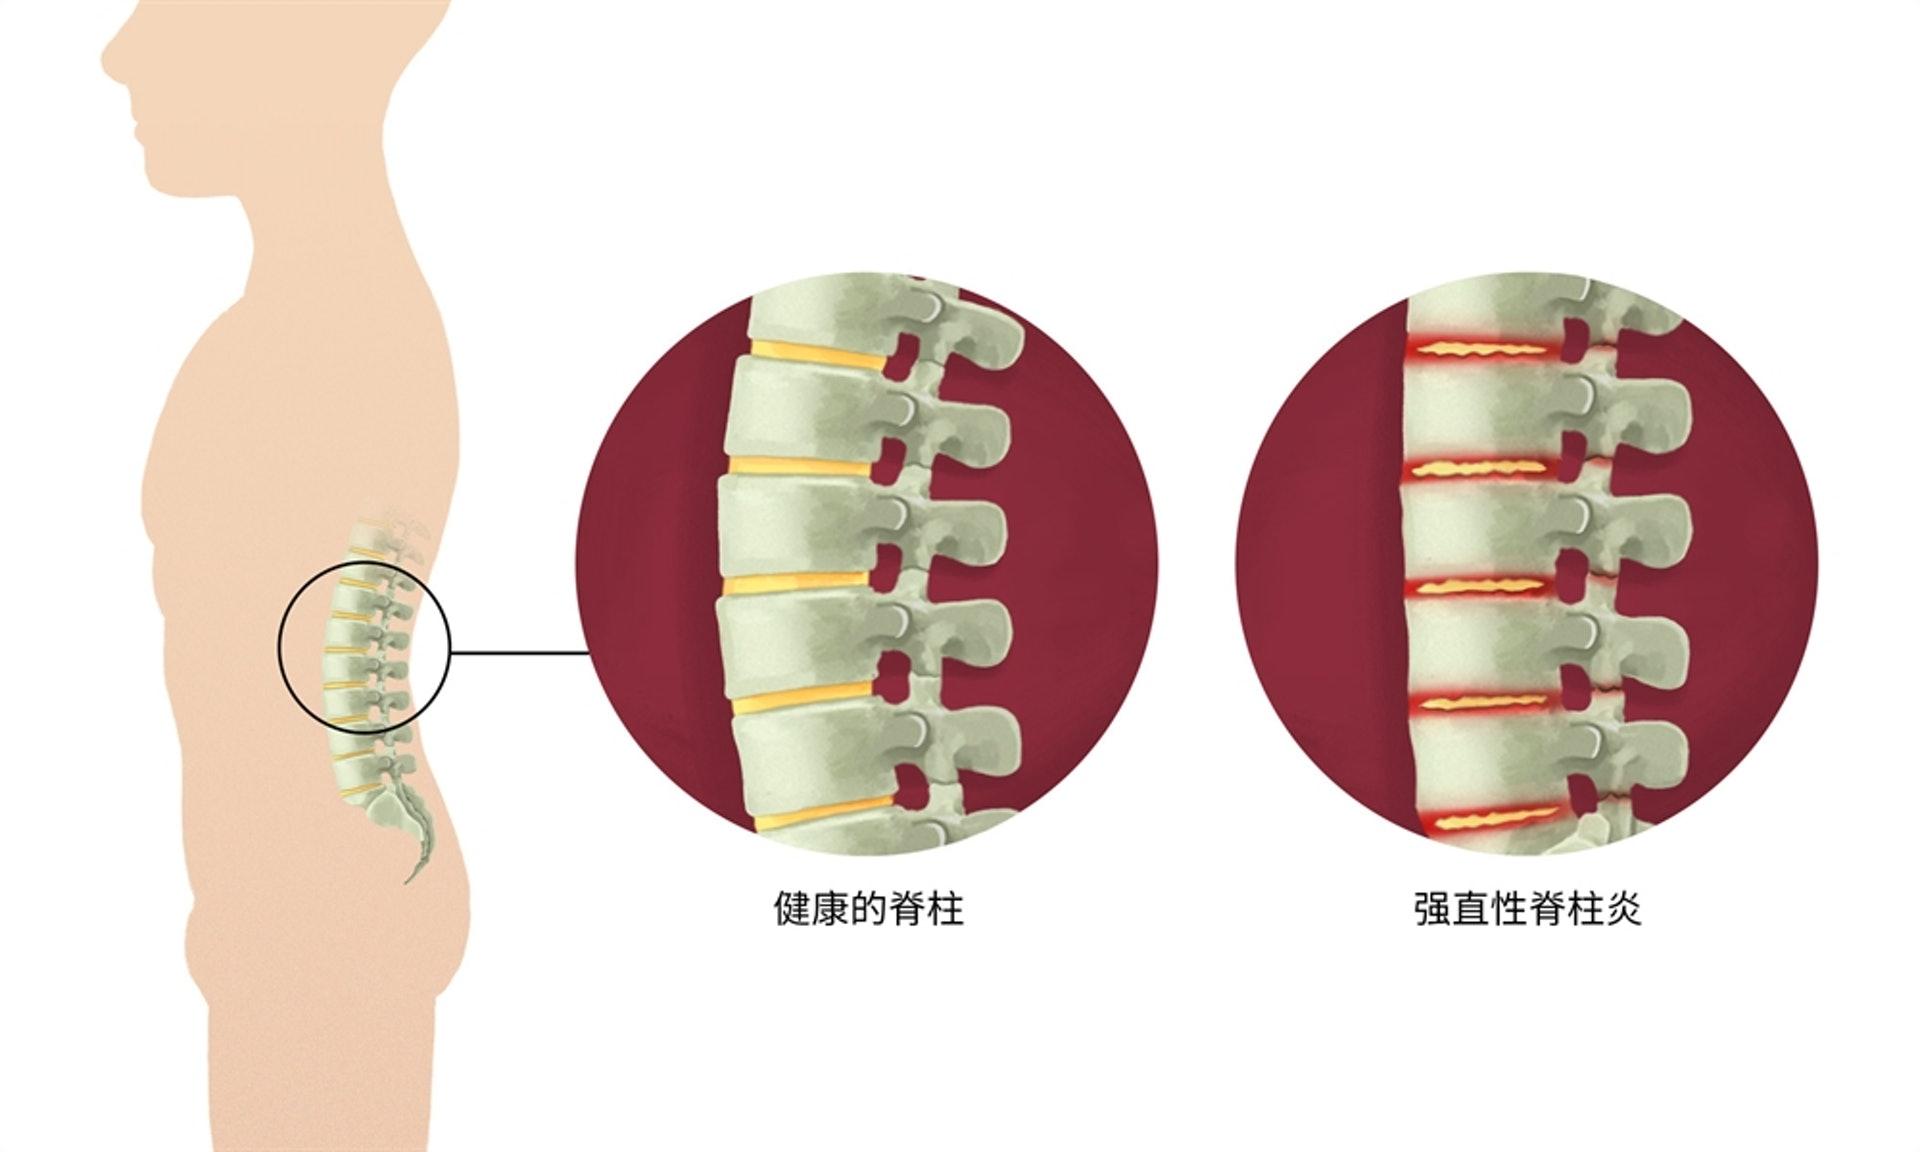 強直性脊椎炎持續會使骨骼增生及融合,導致關節僵硬,移動幅度嚴重受限,患者會失去靈活度。(圖片:doctorsaustralia)